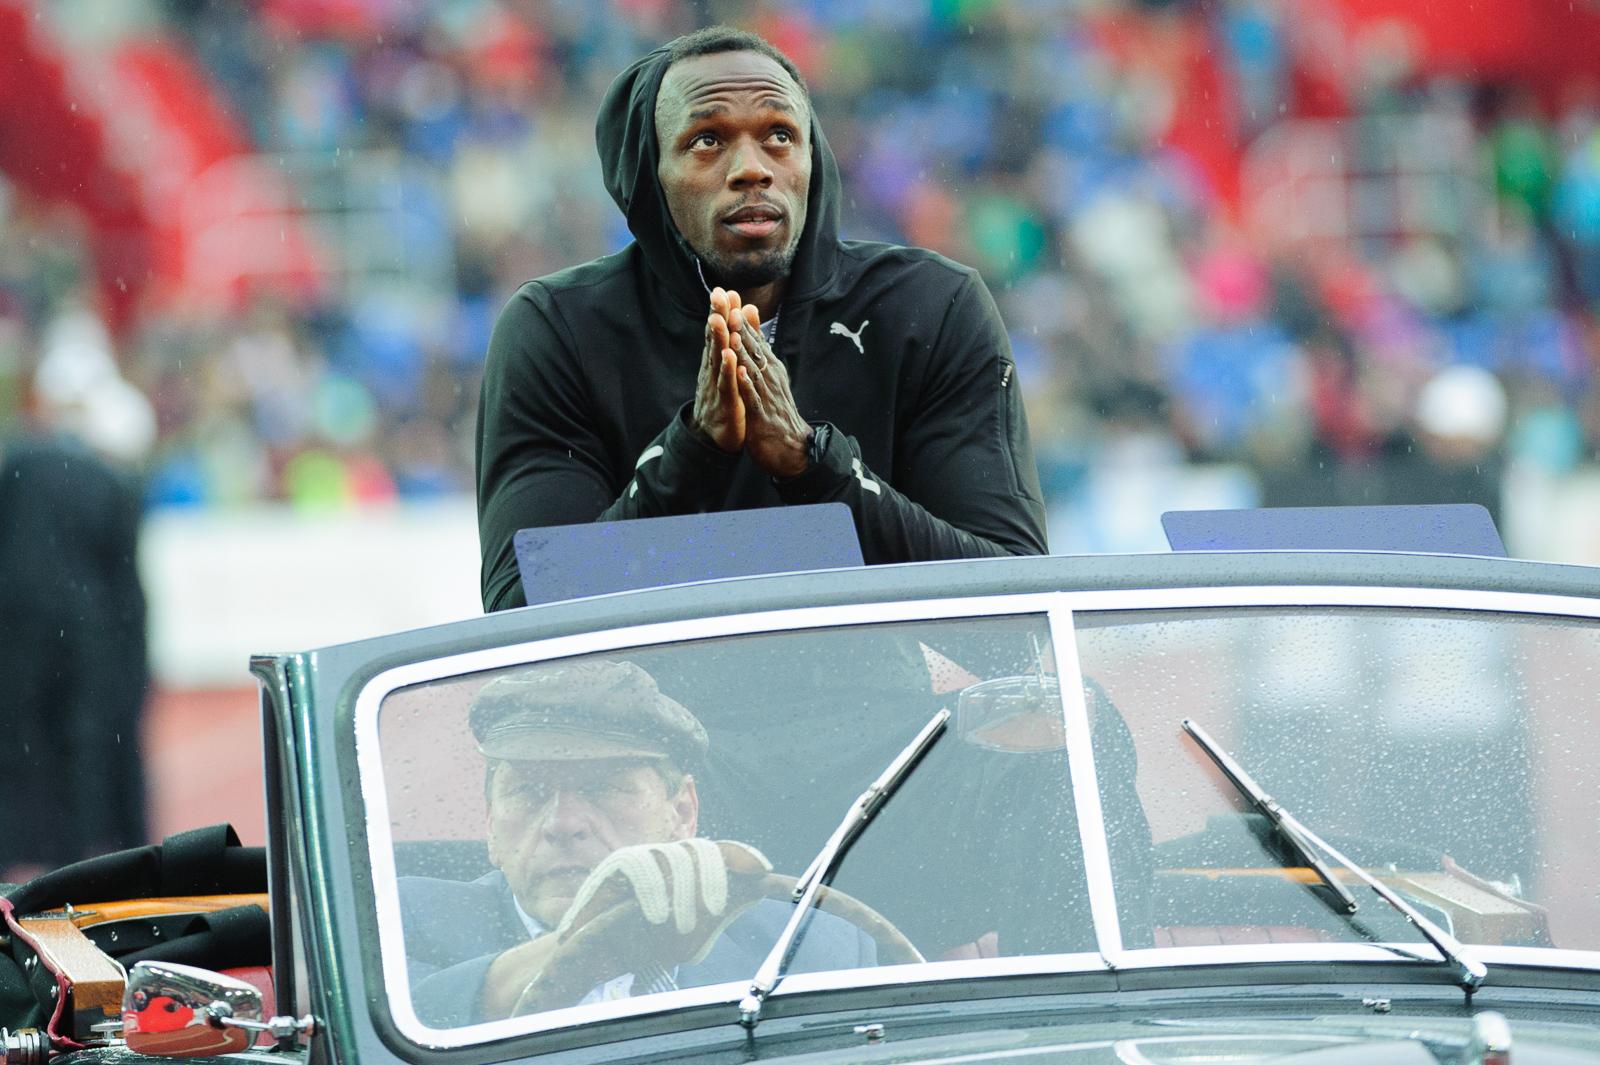 Usain Bolt prichádza na ostravské preteky Zlatá Tretra 2015 na veteránovi. Usain Bolt bol najväčším ťahákom tohto podujatia, 26.5.2015, Ostrava, Česká Rebublika